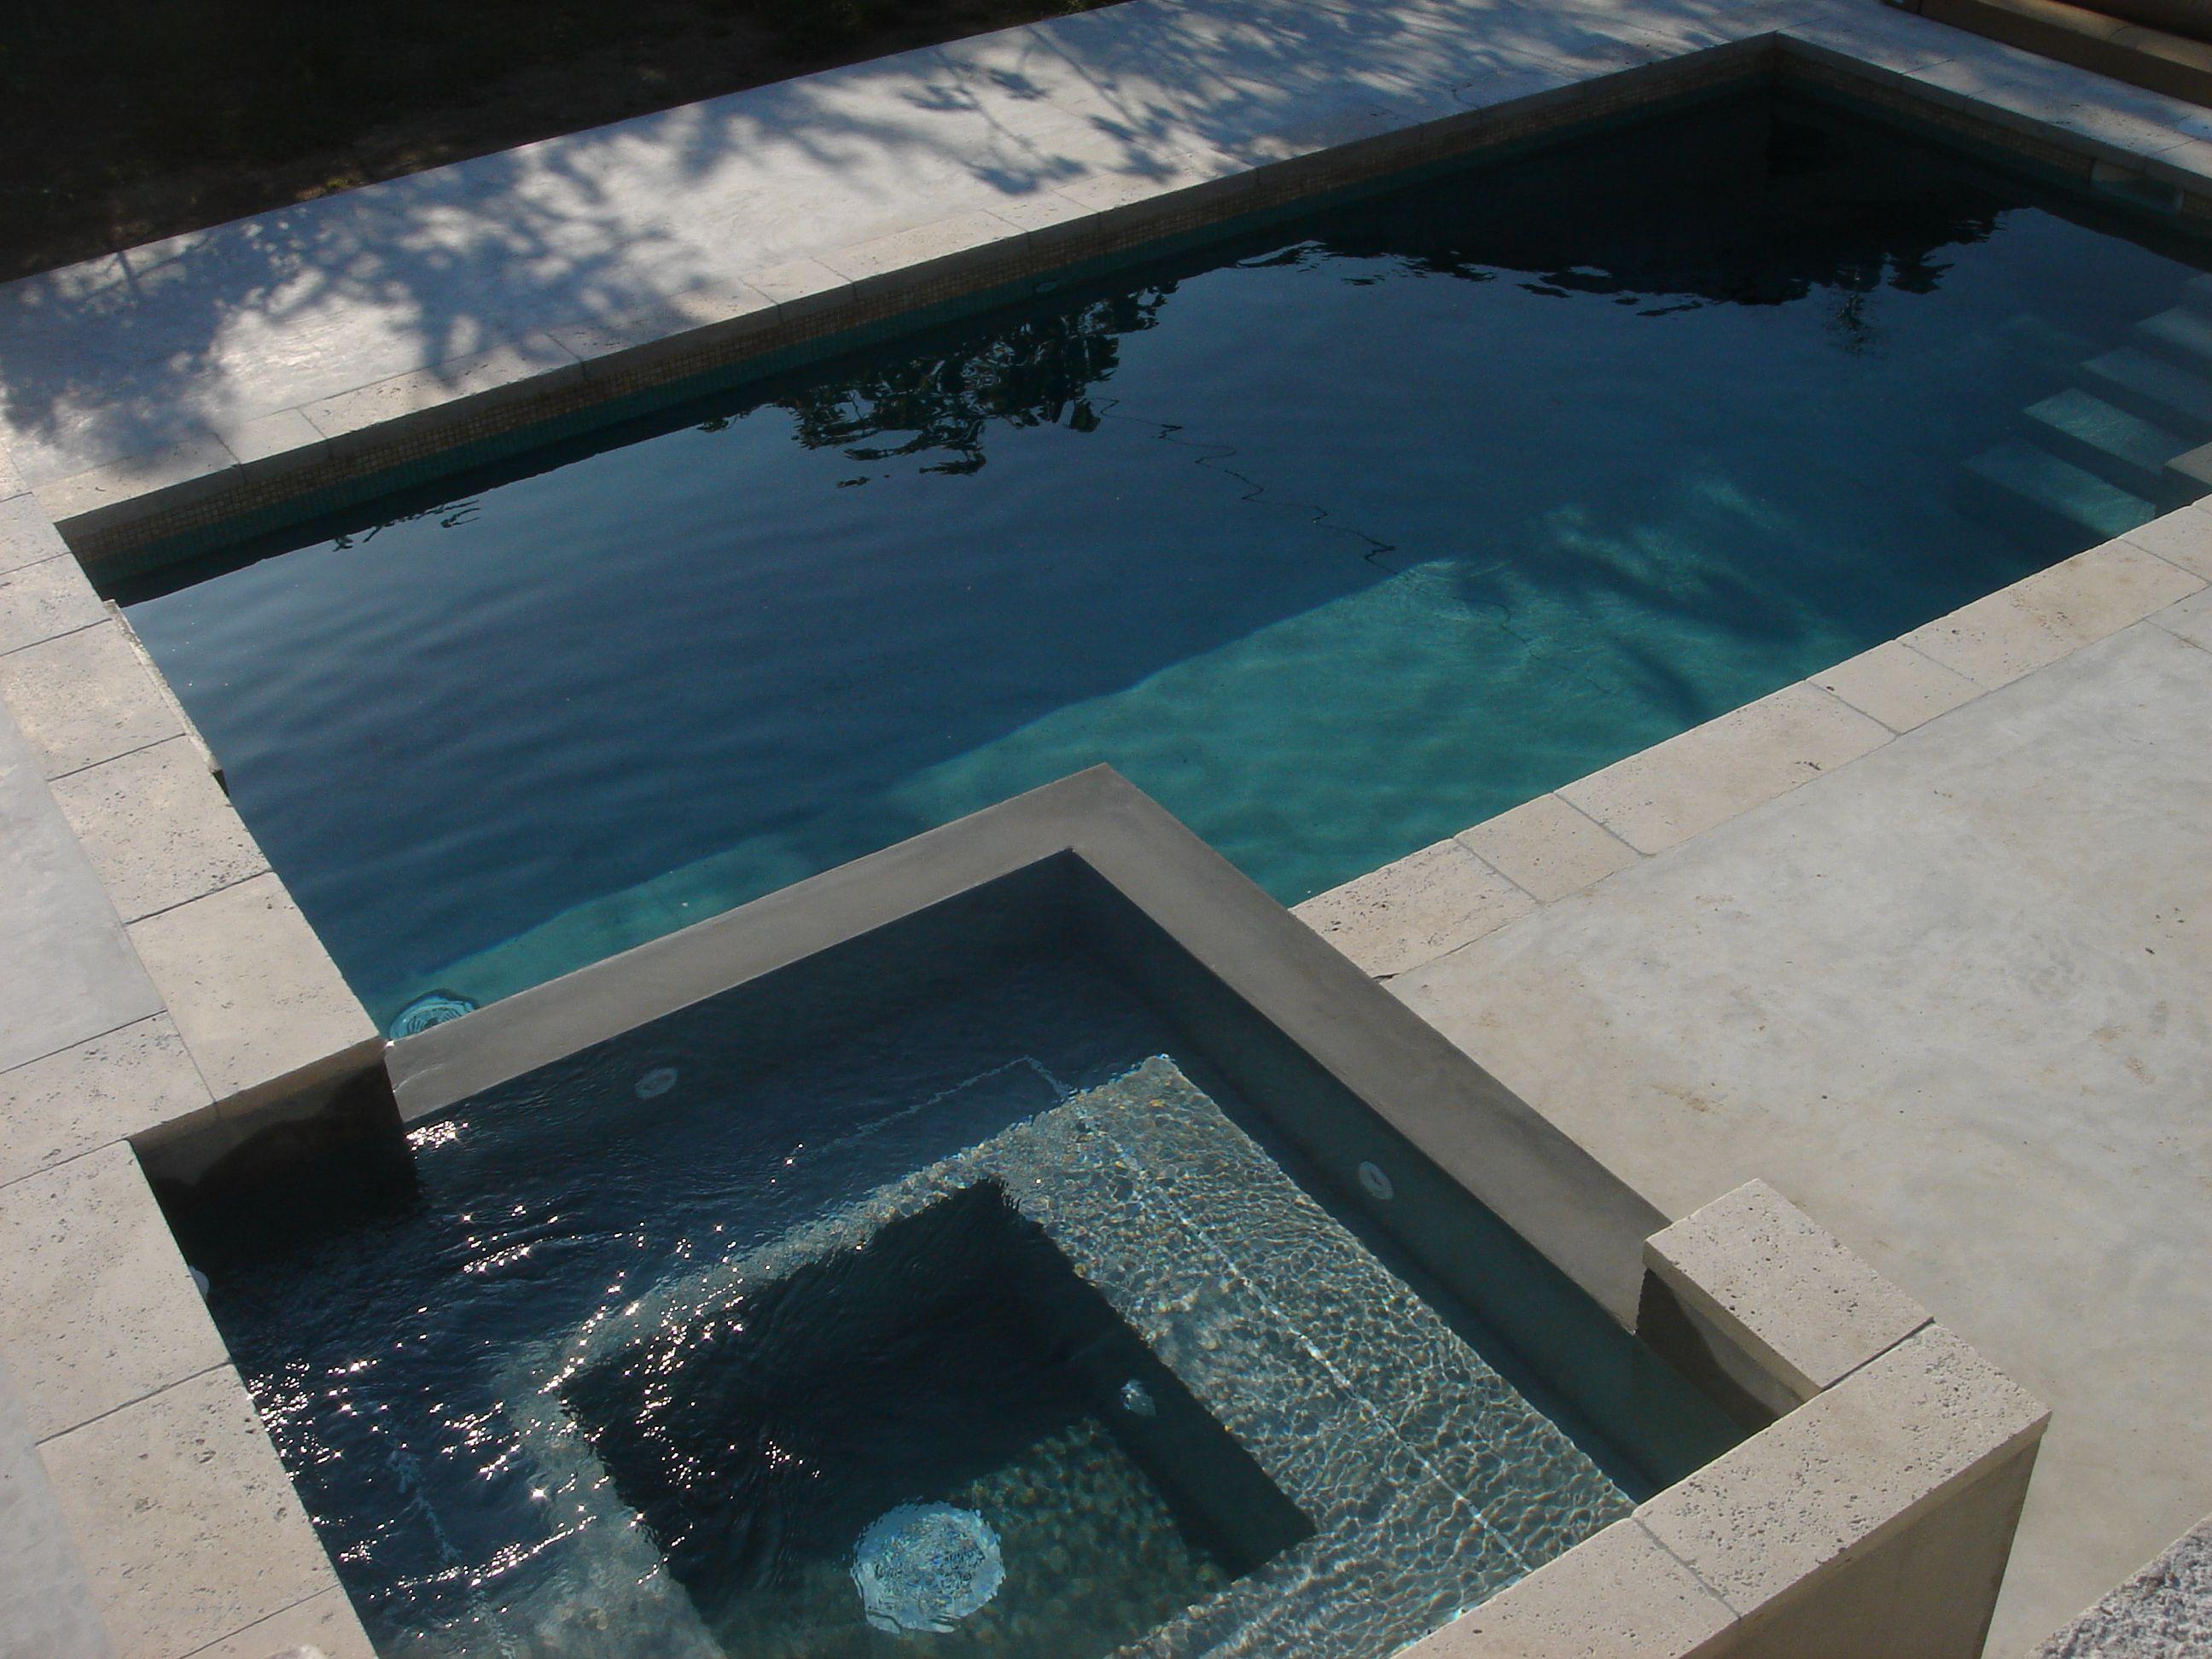 Piscine Moderne En Beton Avec Son Spa A Debordement Piscines